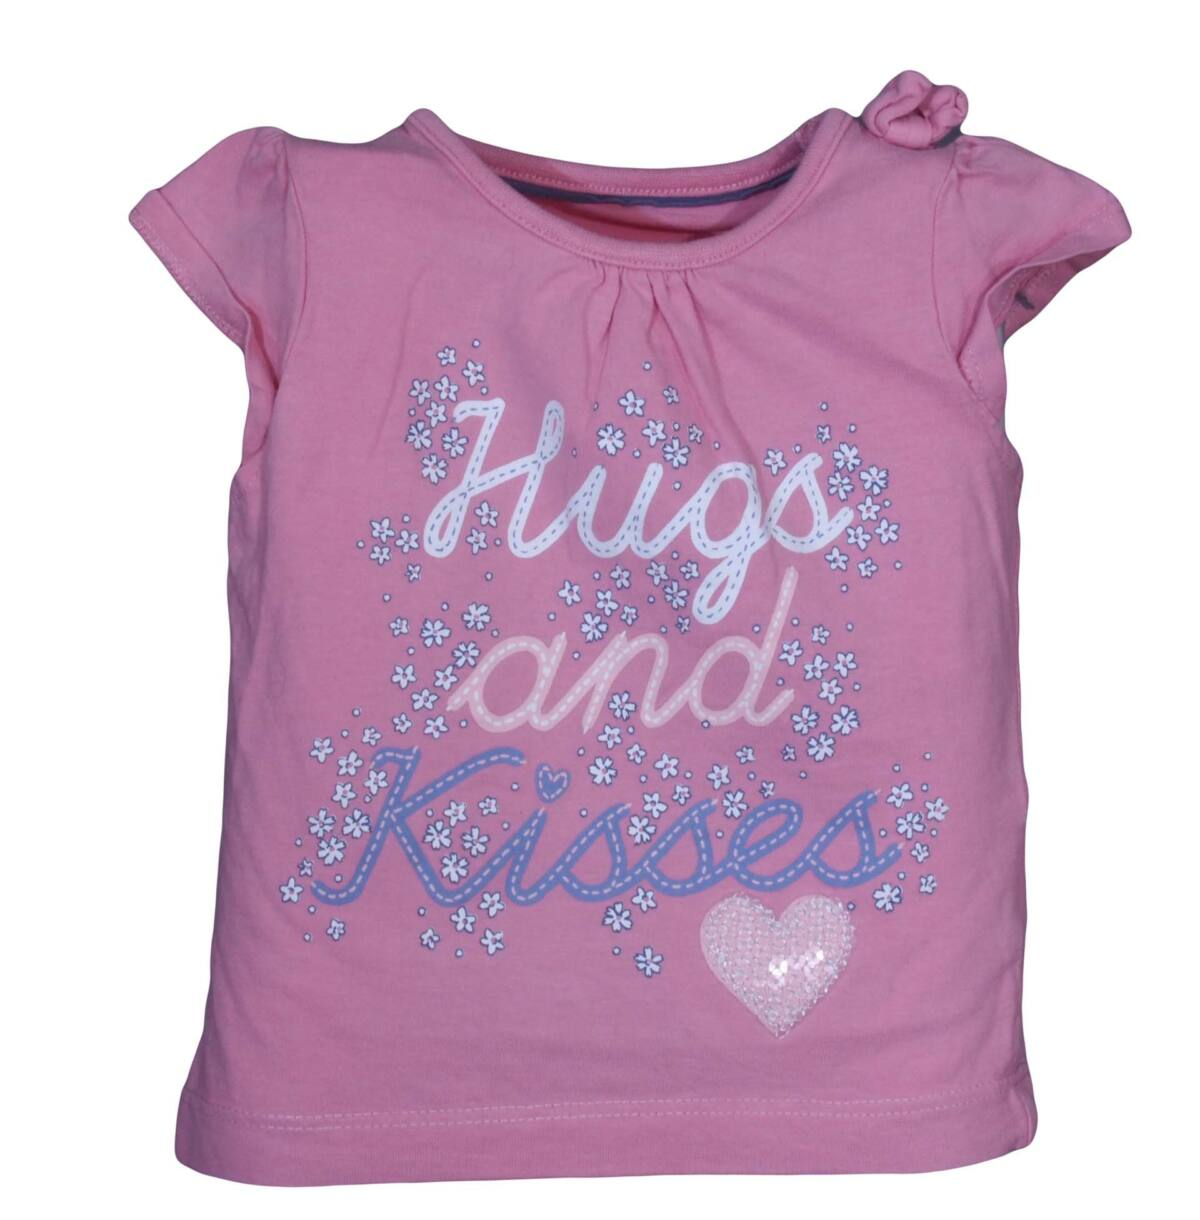 Használt és Outlet gyerekruhák kedvező áron - 2. oldal 9b659992be